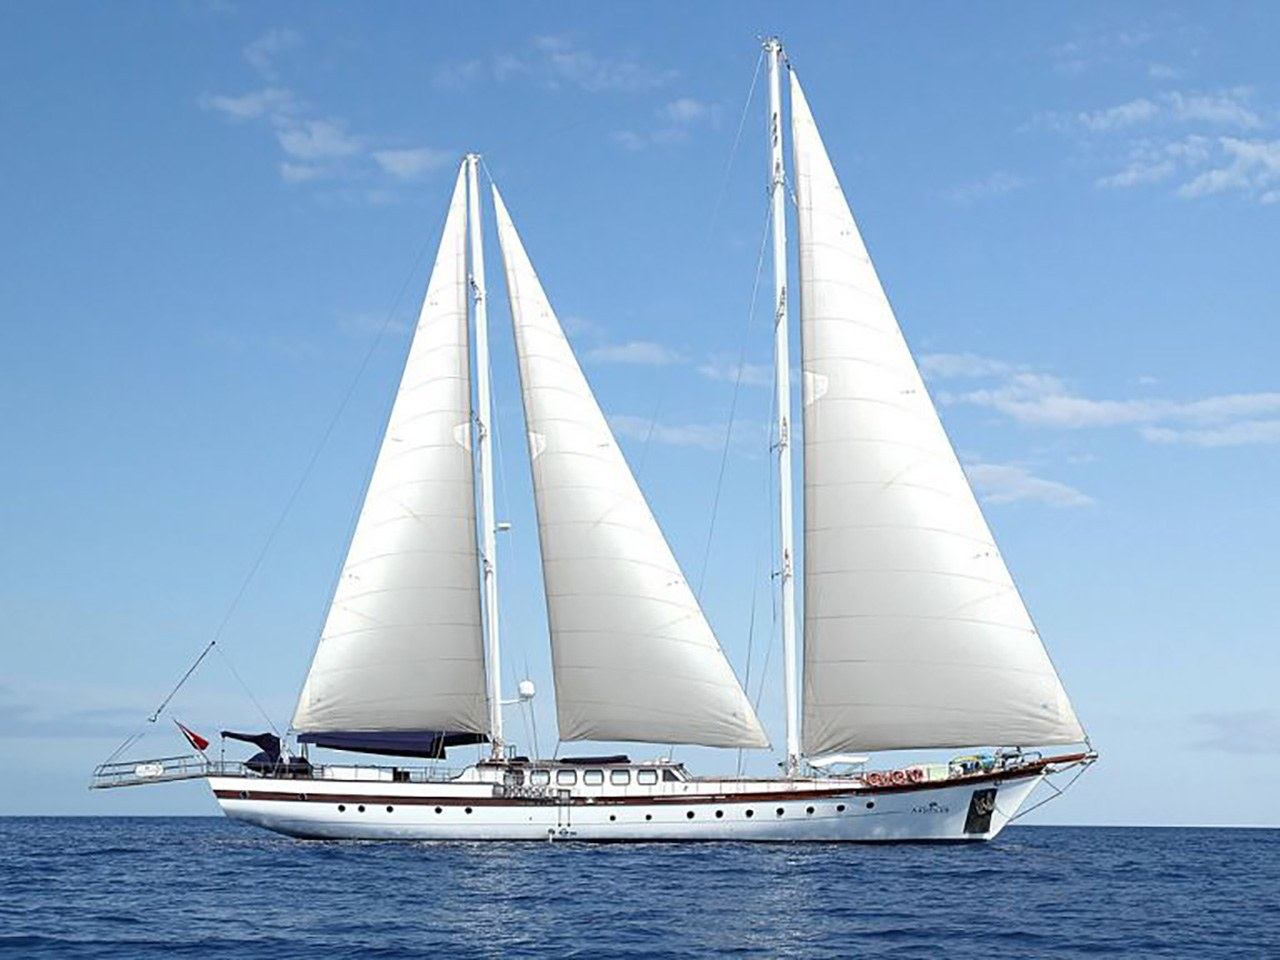 Yacht Natilus